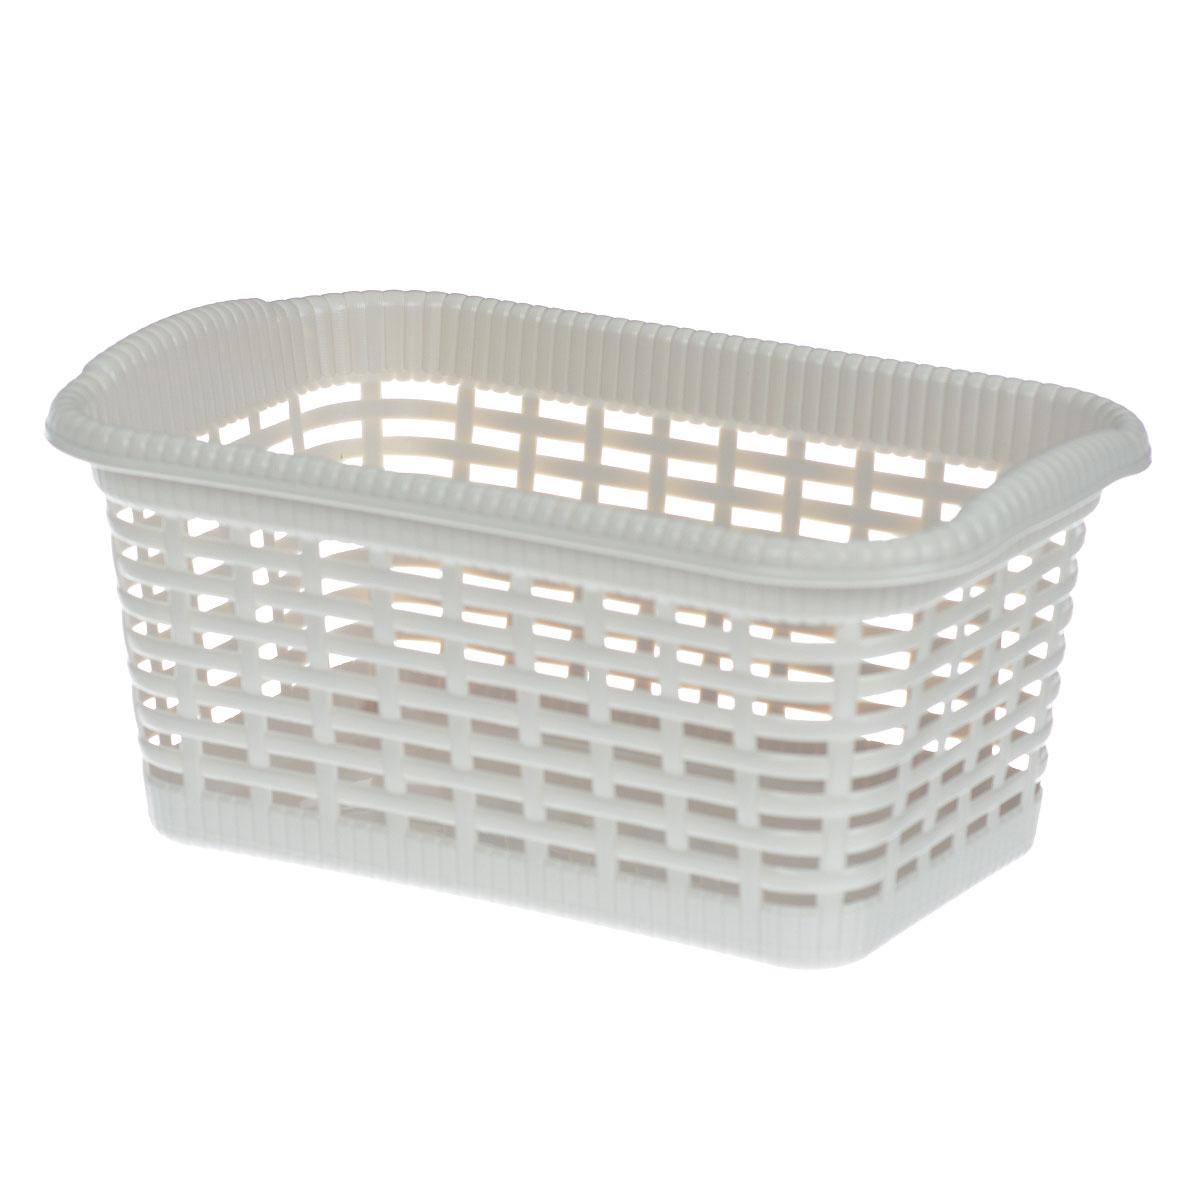 Корзина хозяйственная Gensini, цвет: светло-бежевый, 29 x 18,5 x 13,5 см3301_светло-бежевыйУниверсальная корзина Gensini, выполненная из пластика, предназначена для хранения мелочей в ванной, на кухне, даче или гараже. Позволяет хранить мелкие вещи, исключая возможность их потери. Легкая воздушная корзина выполнена под плетенку и оснащена жесткой кромкой.Размер: 29 см x 18,5 см x 13,5 см. Объем: 7 л.